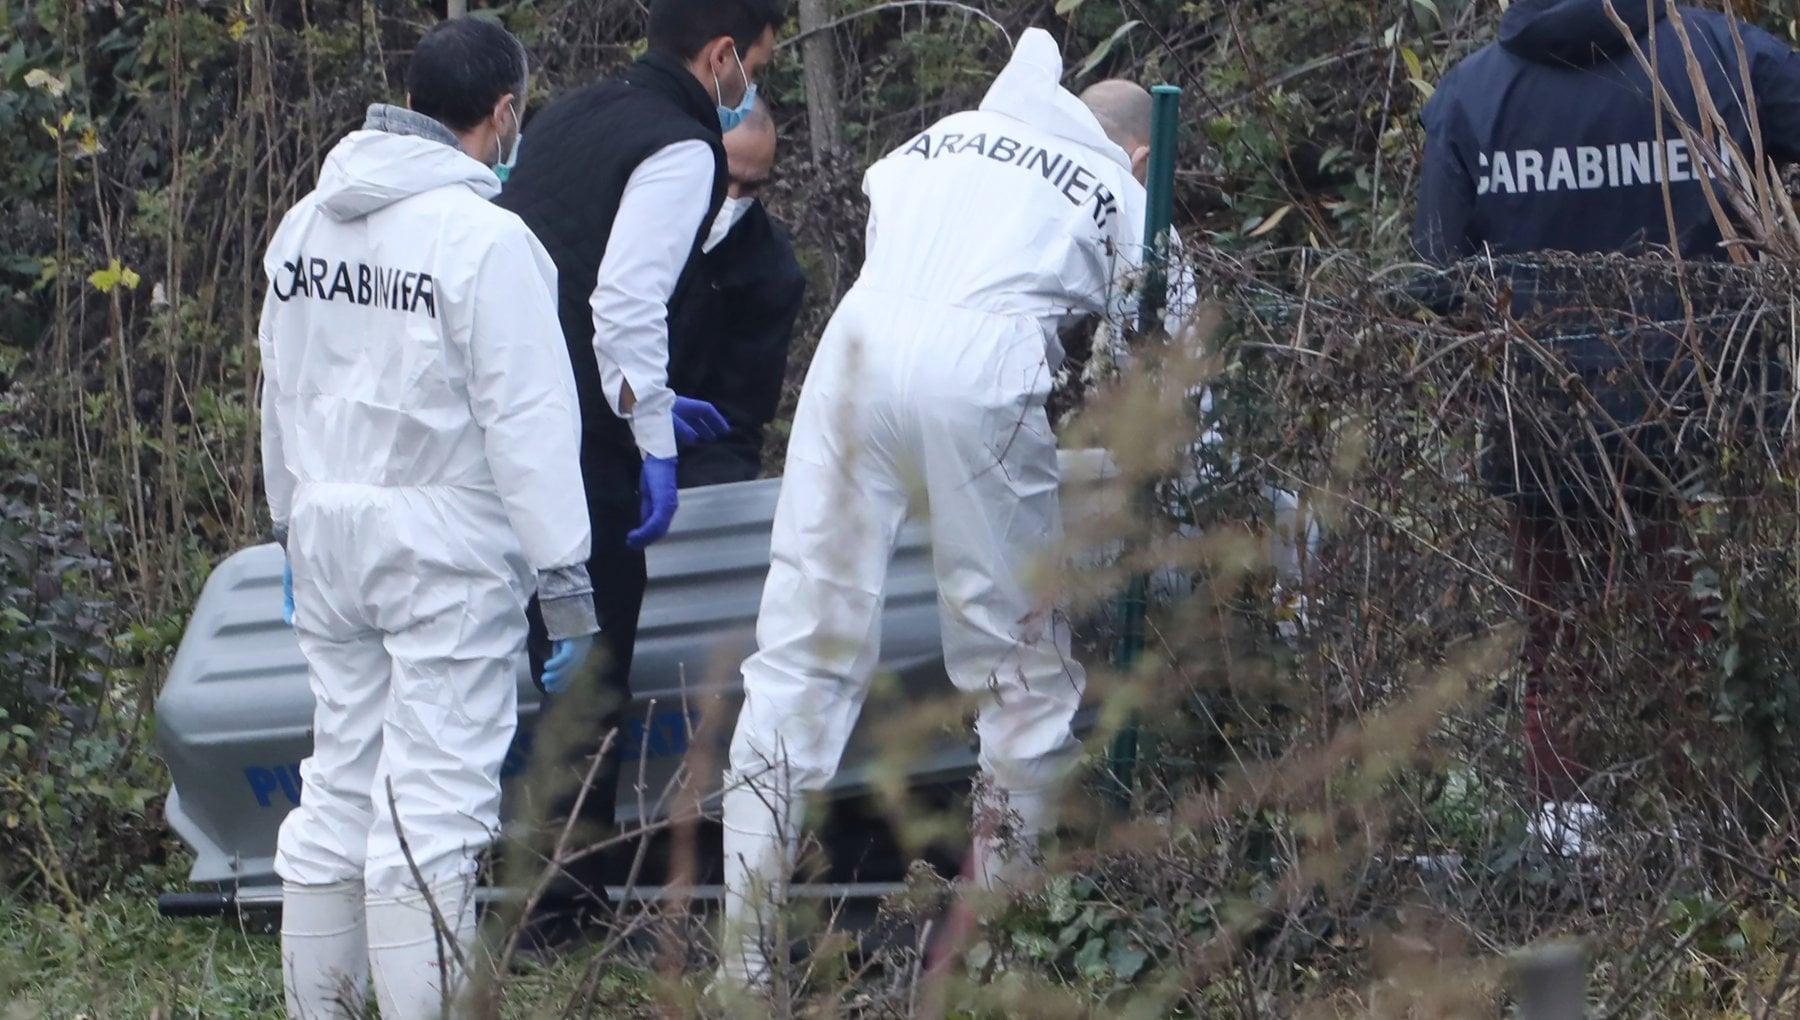 Firenze il giallo dei cadaveri in valigia il figlio delle vittime rintracciato in un carcere svizzero